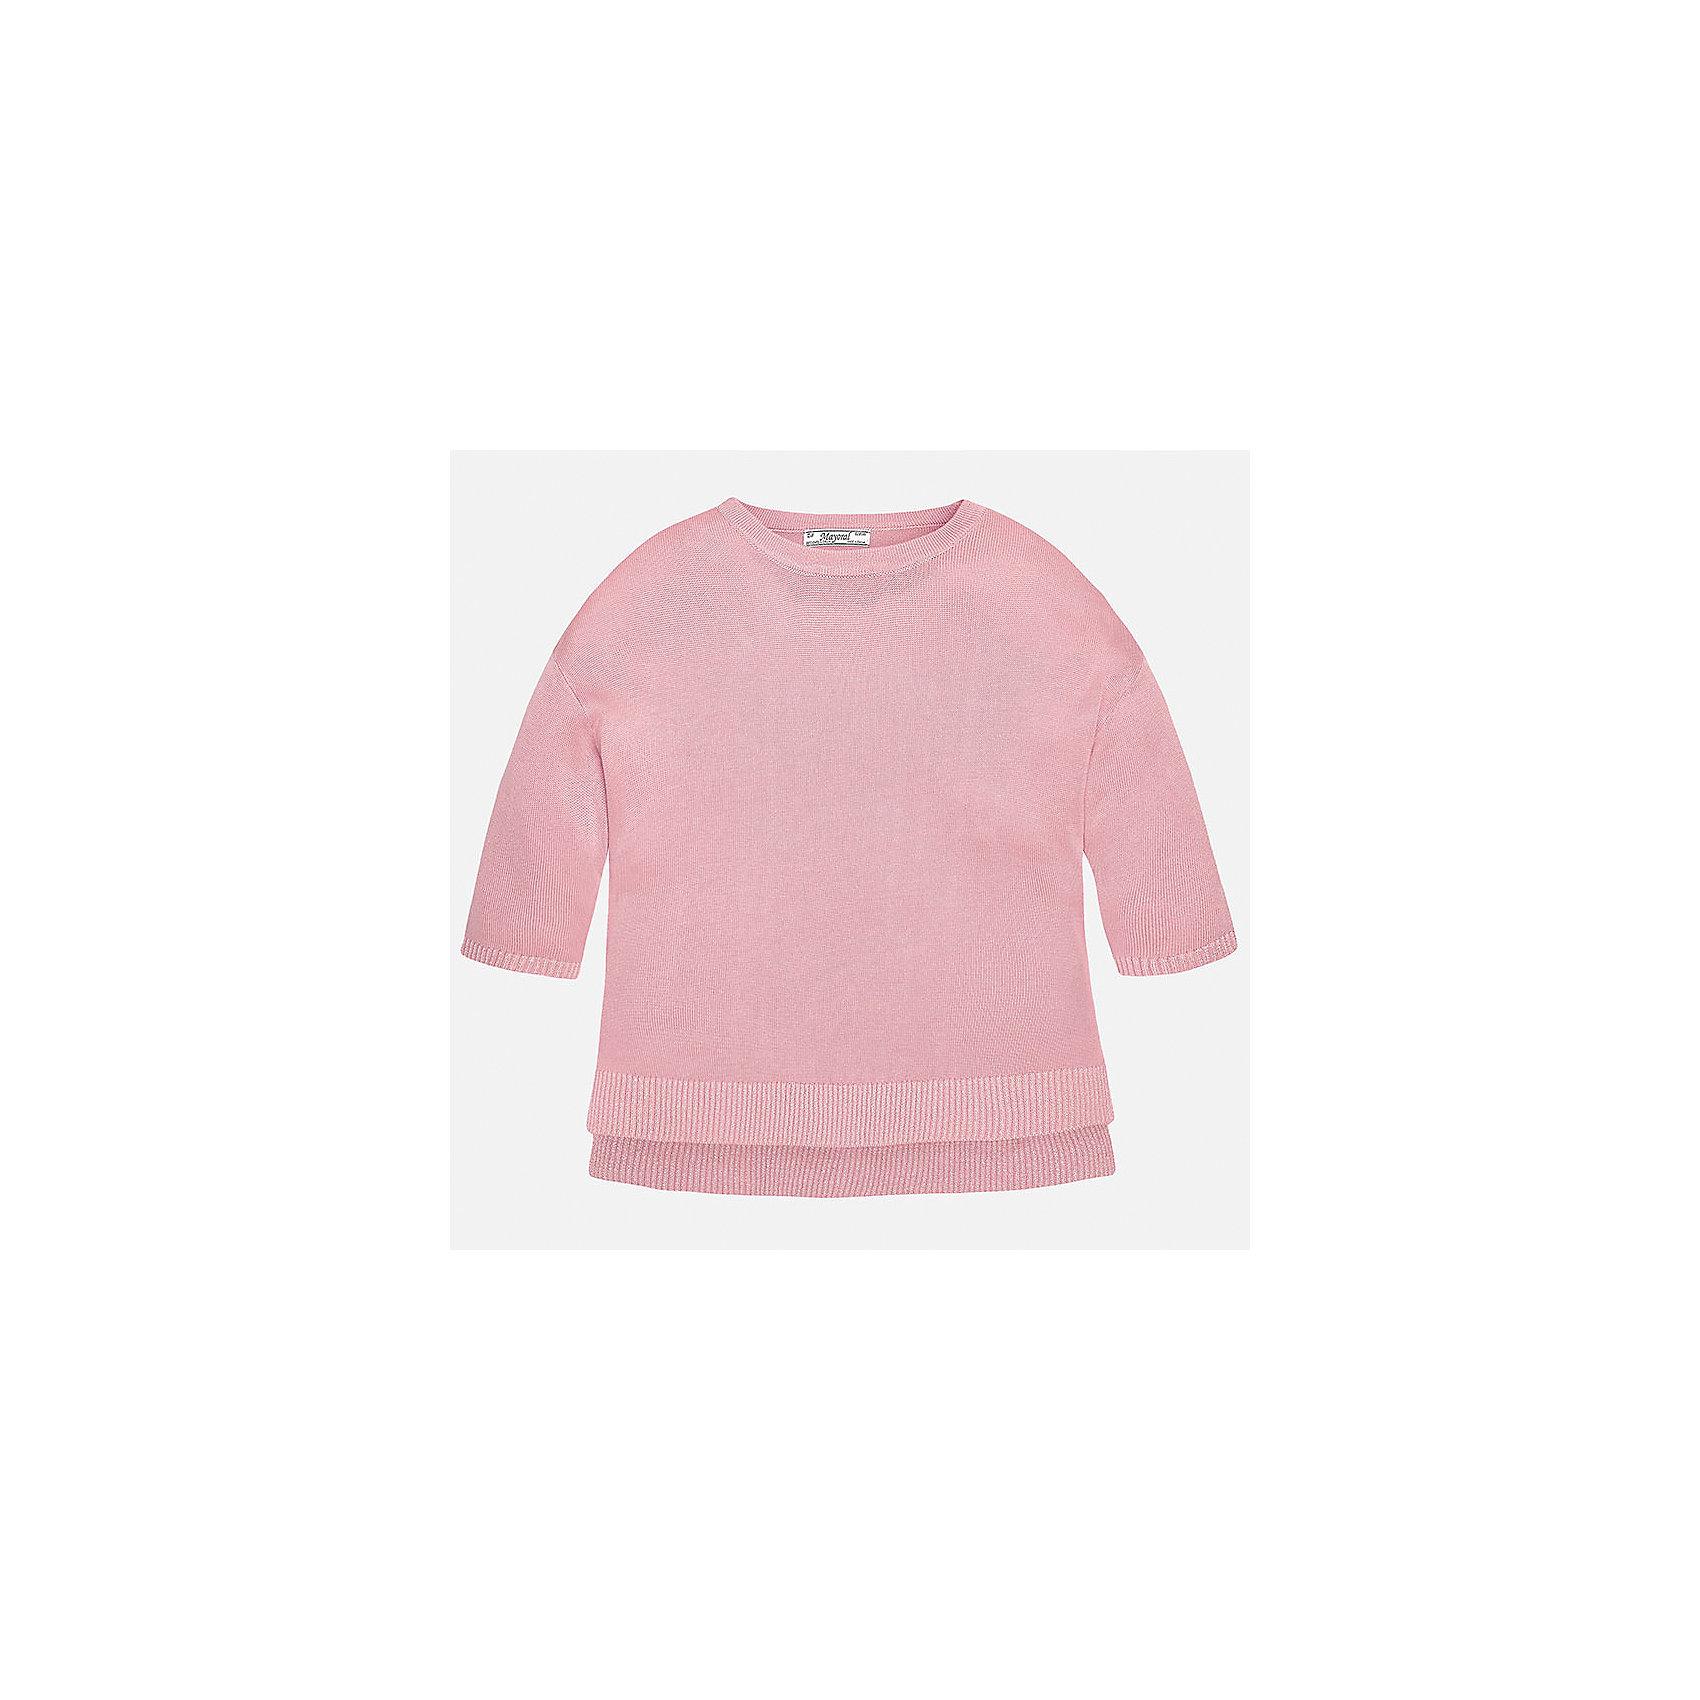 Свитер для девочки MayoralХарактеристики товара:<br><br>• цвет: розовый<br>• состав: 99% вискоза, 1% металлизированная нить<br>• рукава короткие, 3/4<br>• горловой вырез округлый<br>• отделка краев<br>• страна бренда: Испания<br><br>Удобный и красивый свитер для девочки поможет разнообразить гардероб ребенка и украсить наряд. Он отлично сочетается и с юбками, и с брюками. Универсальный цвет позволяет подобрать к вещи низ различных расцветок. Интересная отделка модели делает её нарядной и оригинальной. <br><br>Одежда, обувь и аксессуары от испанского бренда Mayoral полюбились детям и взрослым по всему миру. Модели этой марки - стильные и удобные. Для их производства используются только безопасные, качественные материалы и фурнитура. Порадуйте ребенка модными и красивыми вещами от Mayoral! <br><br>Свитер для девочки от испанского бренда Mayoral (Майорал) можно купить в нашем интернет-магазине.<br><br>Ширина мм: 190<br>Глубина мм: 74<br>Высота мм: 229<br>Вес г: 236<br>Цвет: розовый<br>Возраст от месяцев: 156<br>Возраст до месяцев: 168<br>Пол: Женский<br>Возраст: Детский<br>Размер: 164,128/134,140,152,158<br>SKU: 5292749